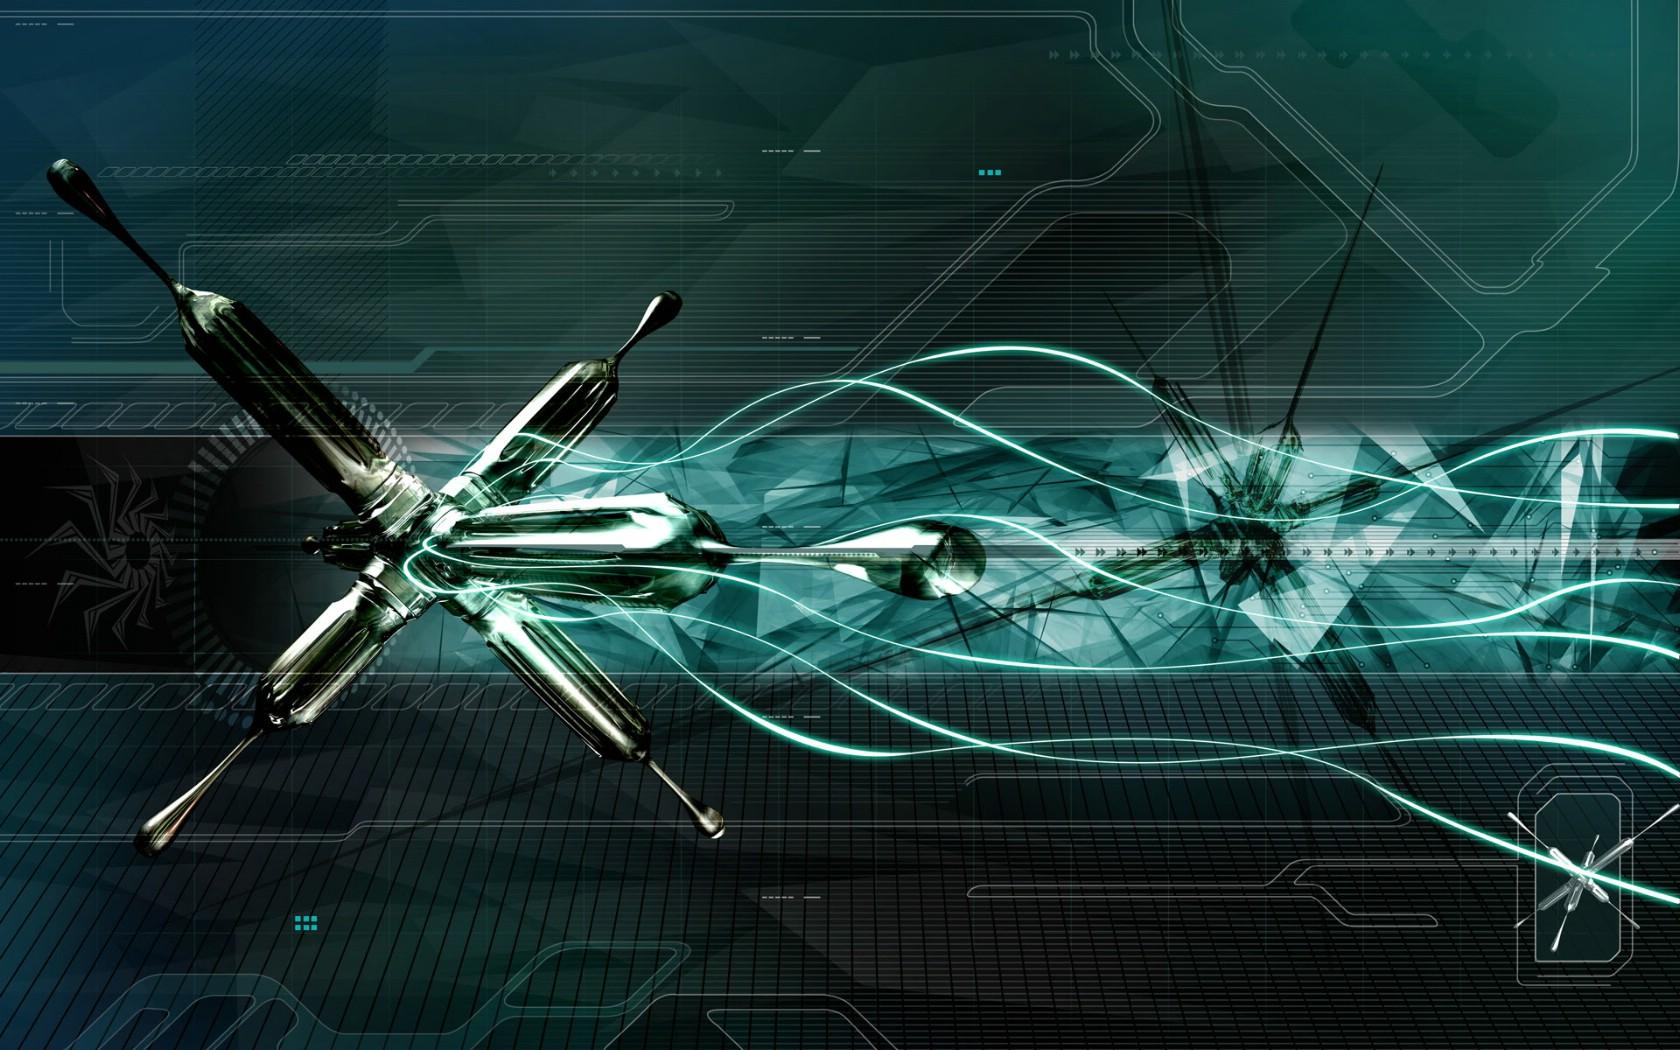 创意科幻立体设计宽屏壁纸 192